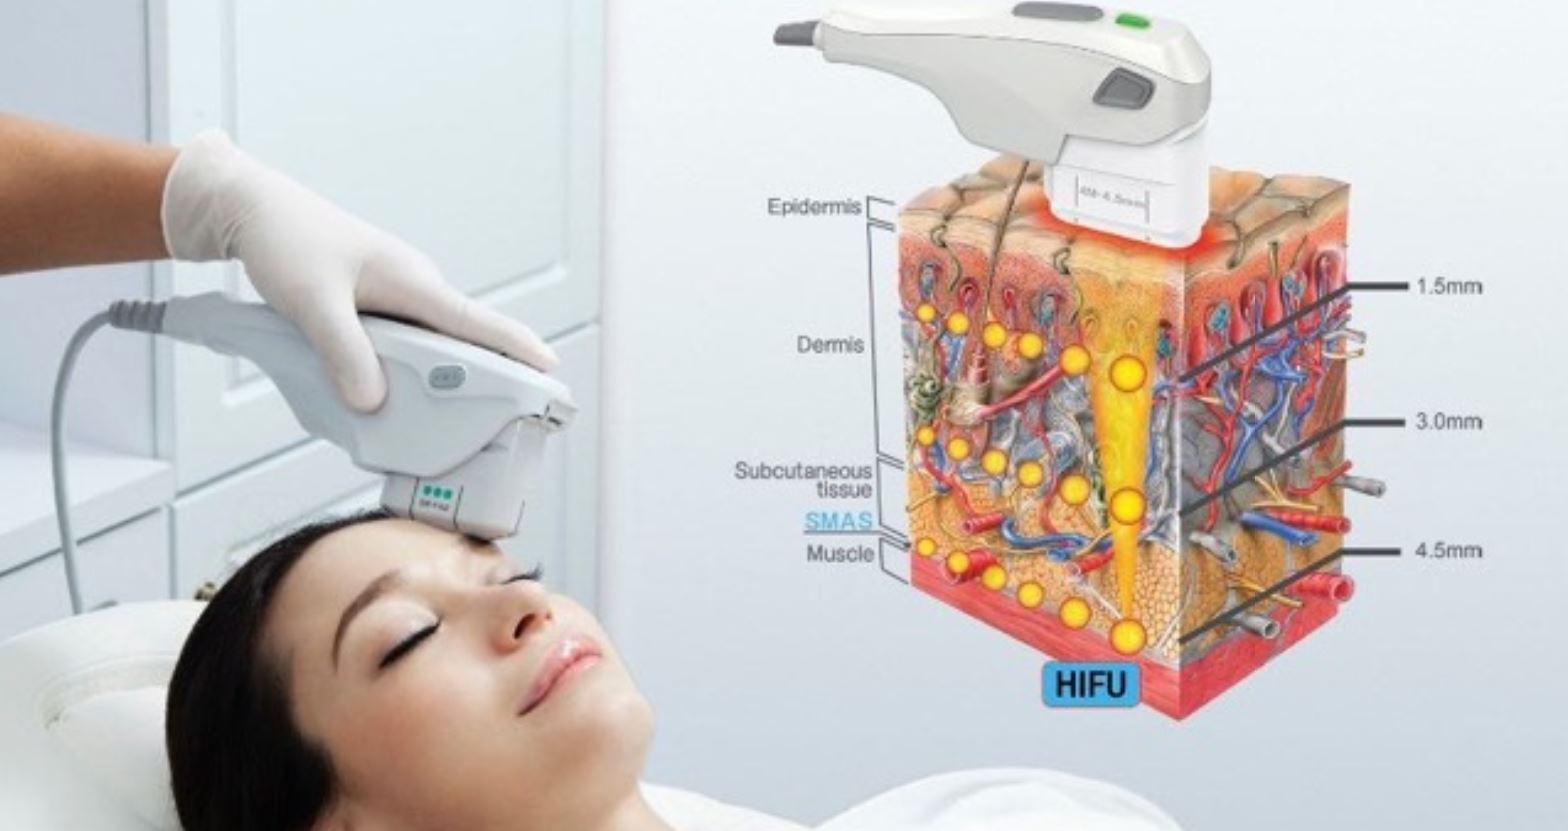 HIFU Treatment Banner Image